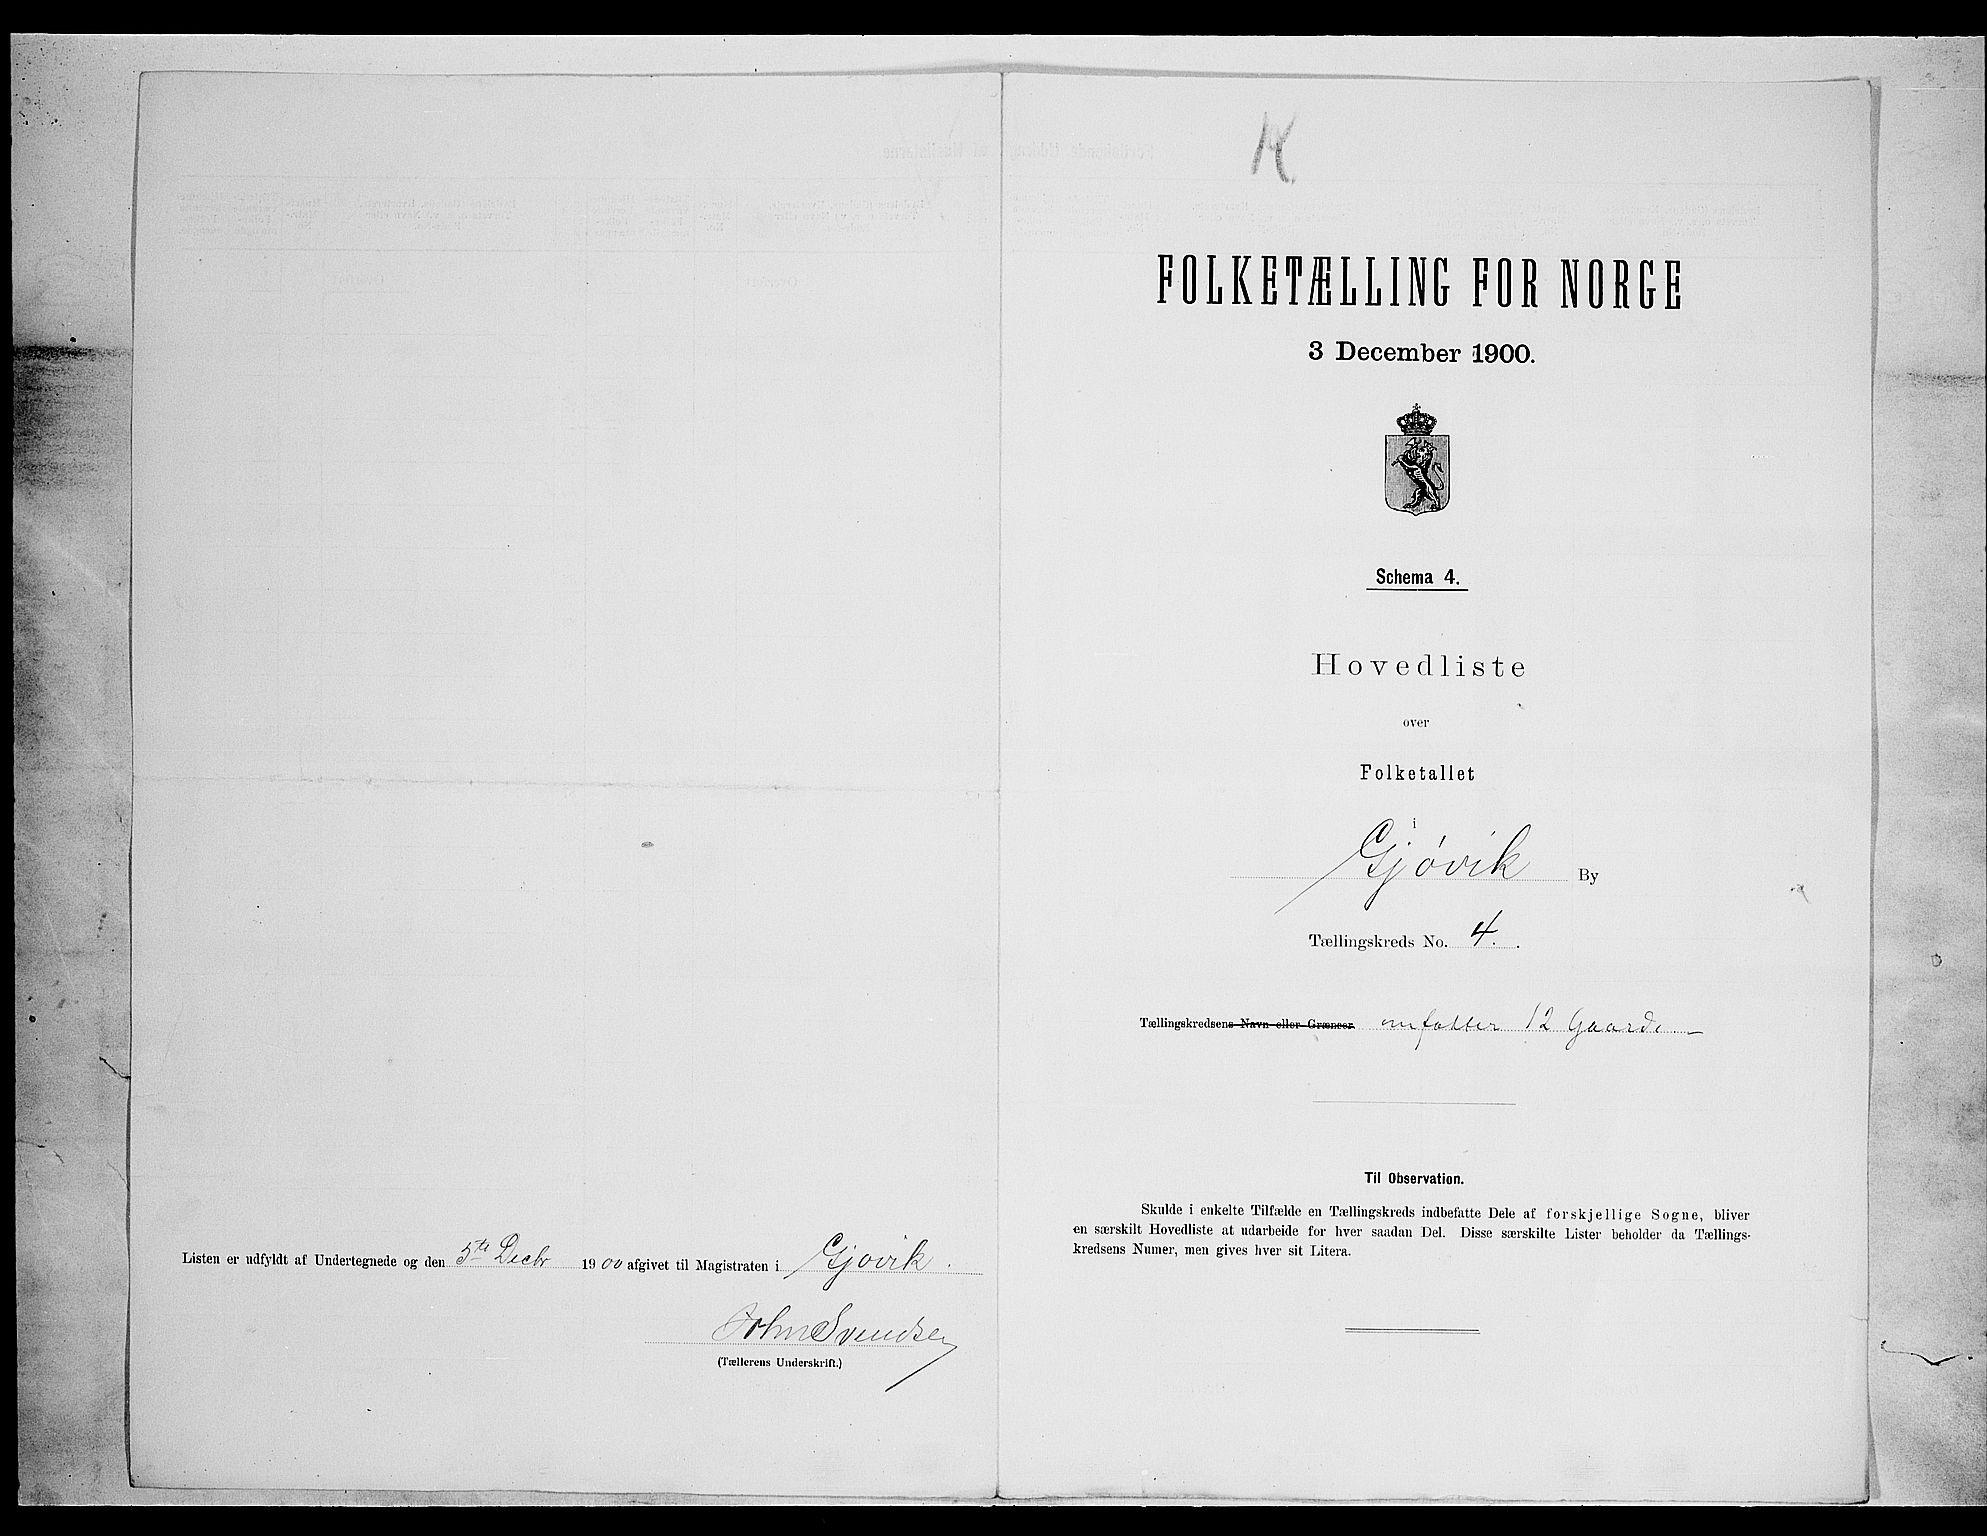 SAH, Folketelling 1900 for 0502 Gjøvik kjøpstad, 1900, s. 21